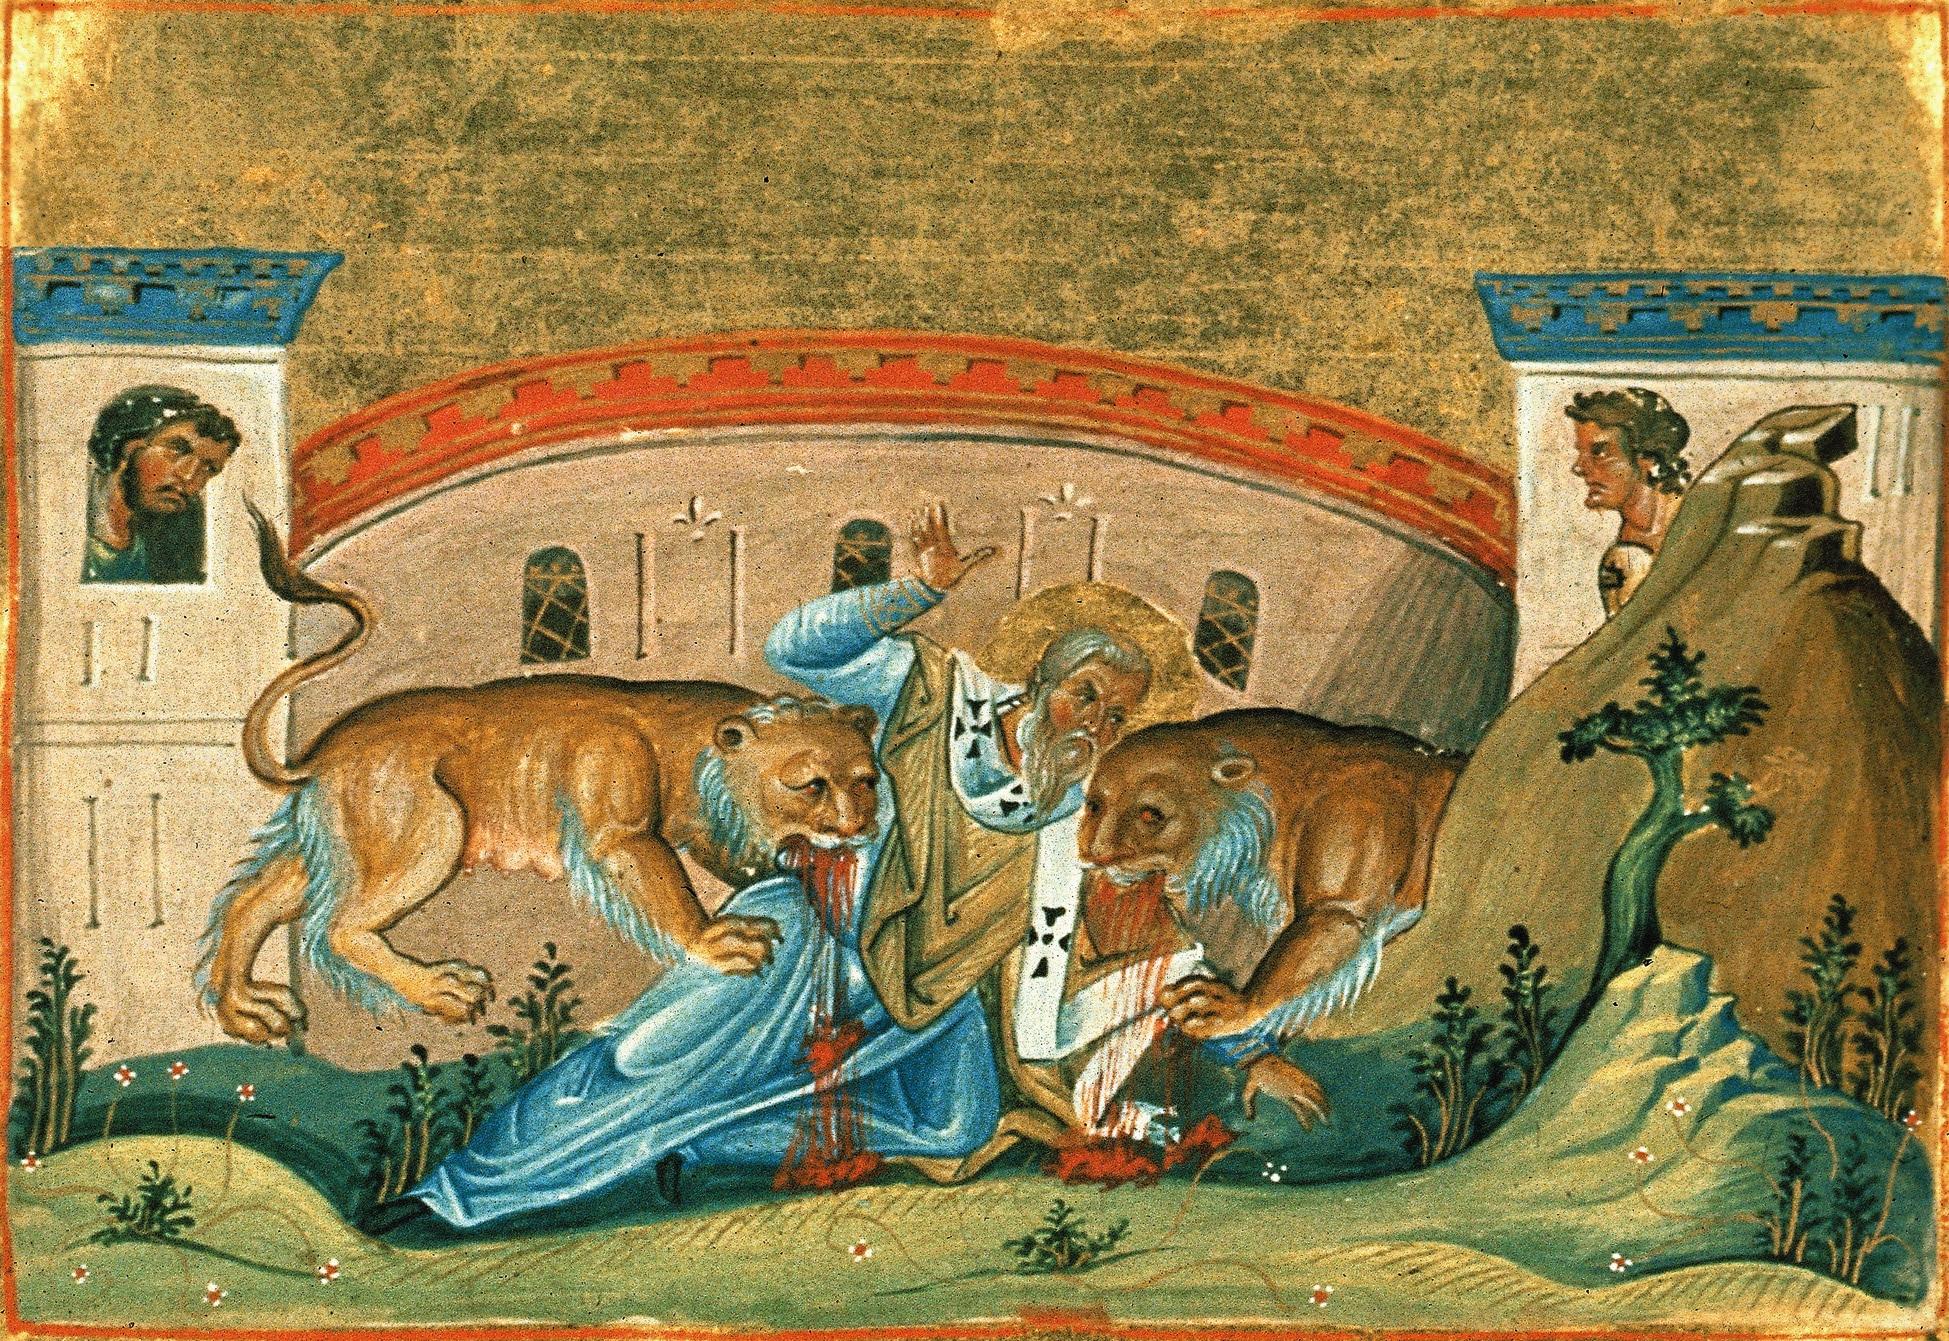 El martirio de cristianos en el Coliseo - ¿más mito que realidad? 1